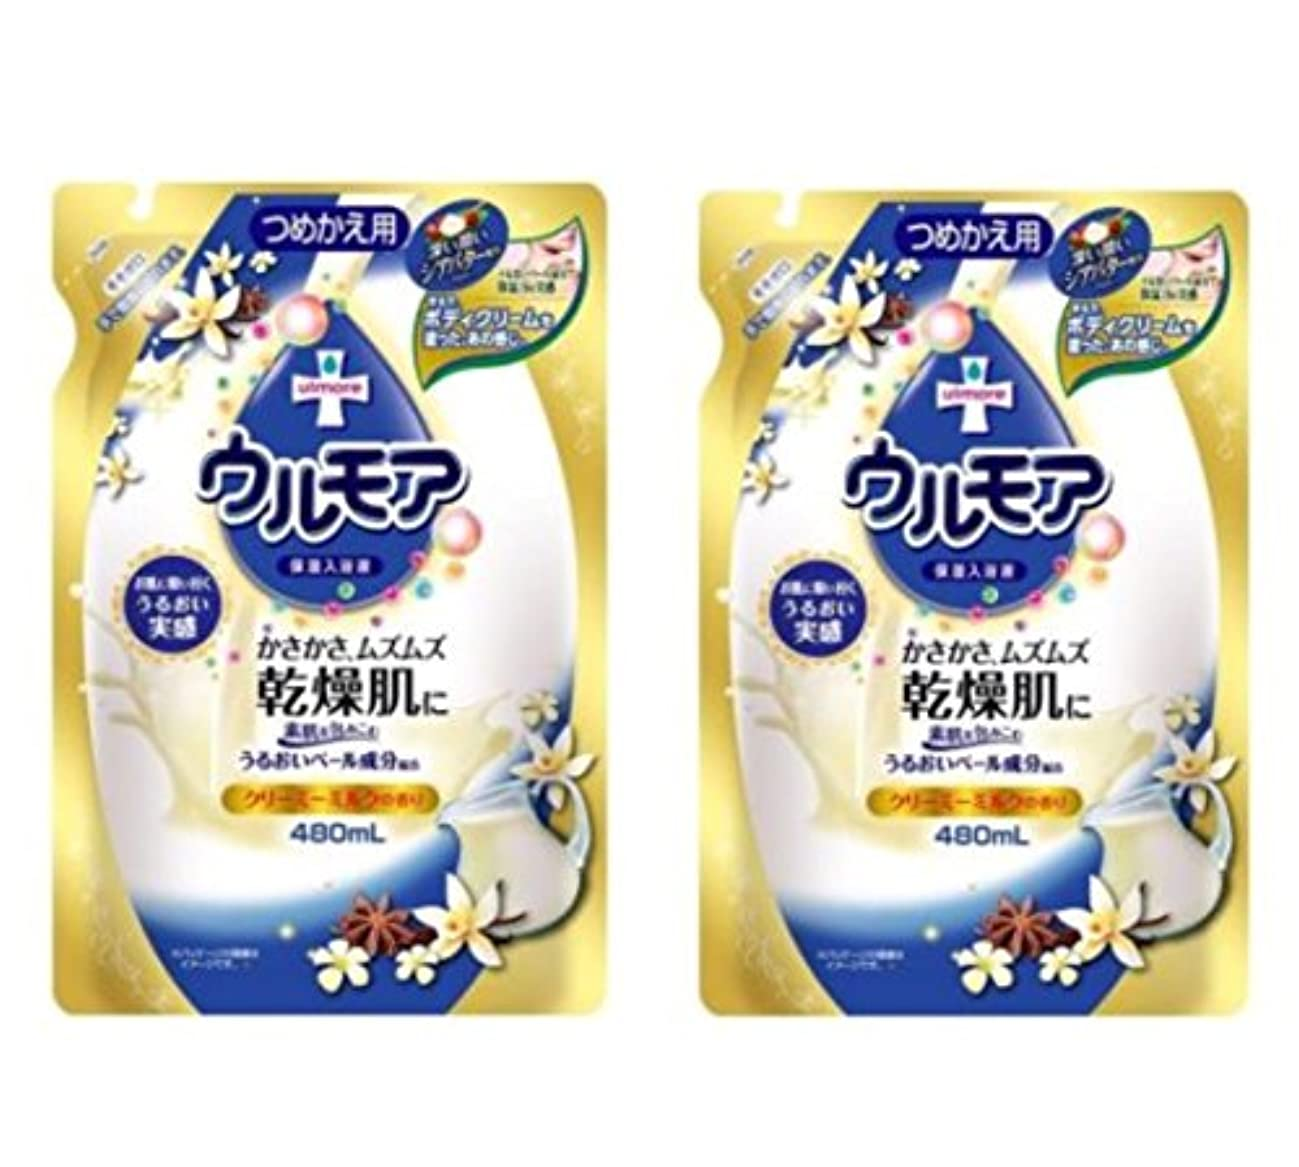 慣性男やもめ腫瘍アース製薬 保湿入浴液 ウルモア クリーミーミルク詰替 480ml×2個セット